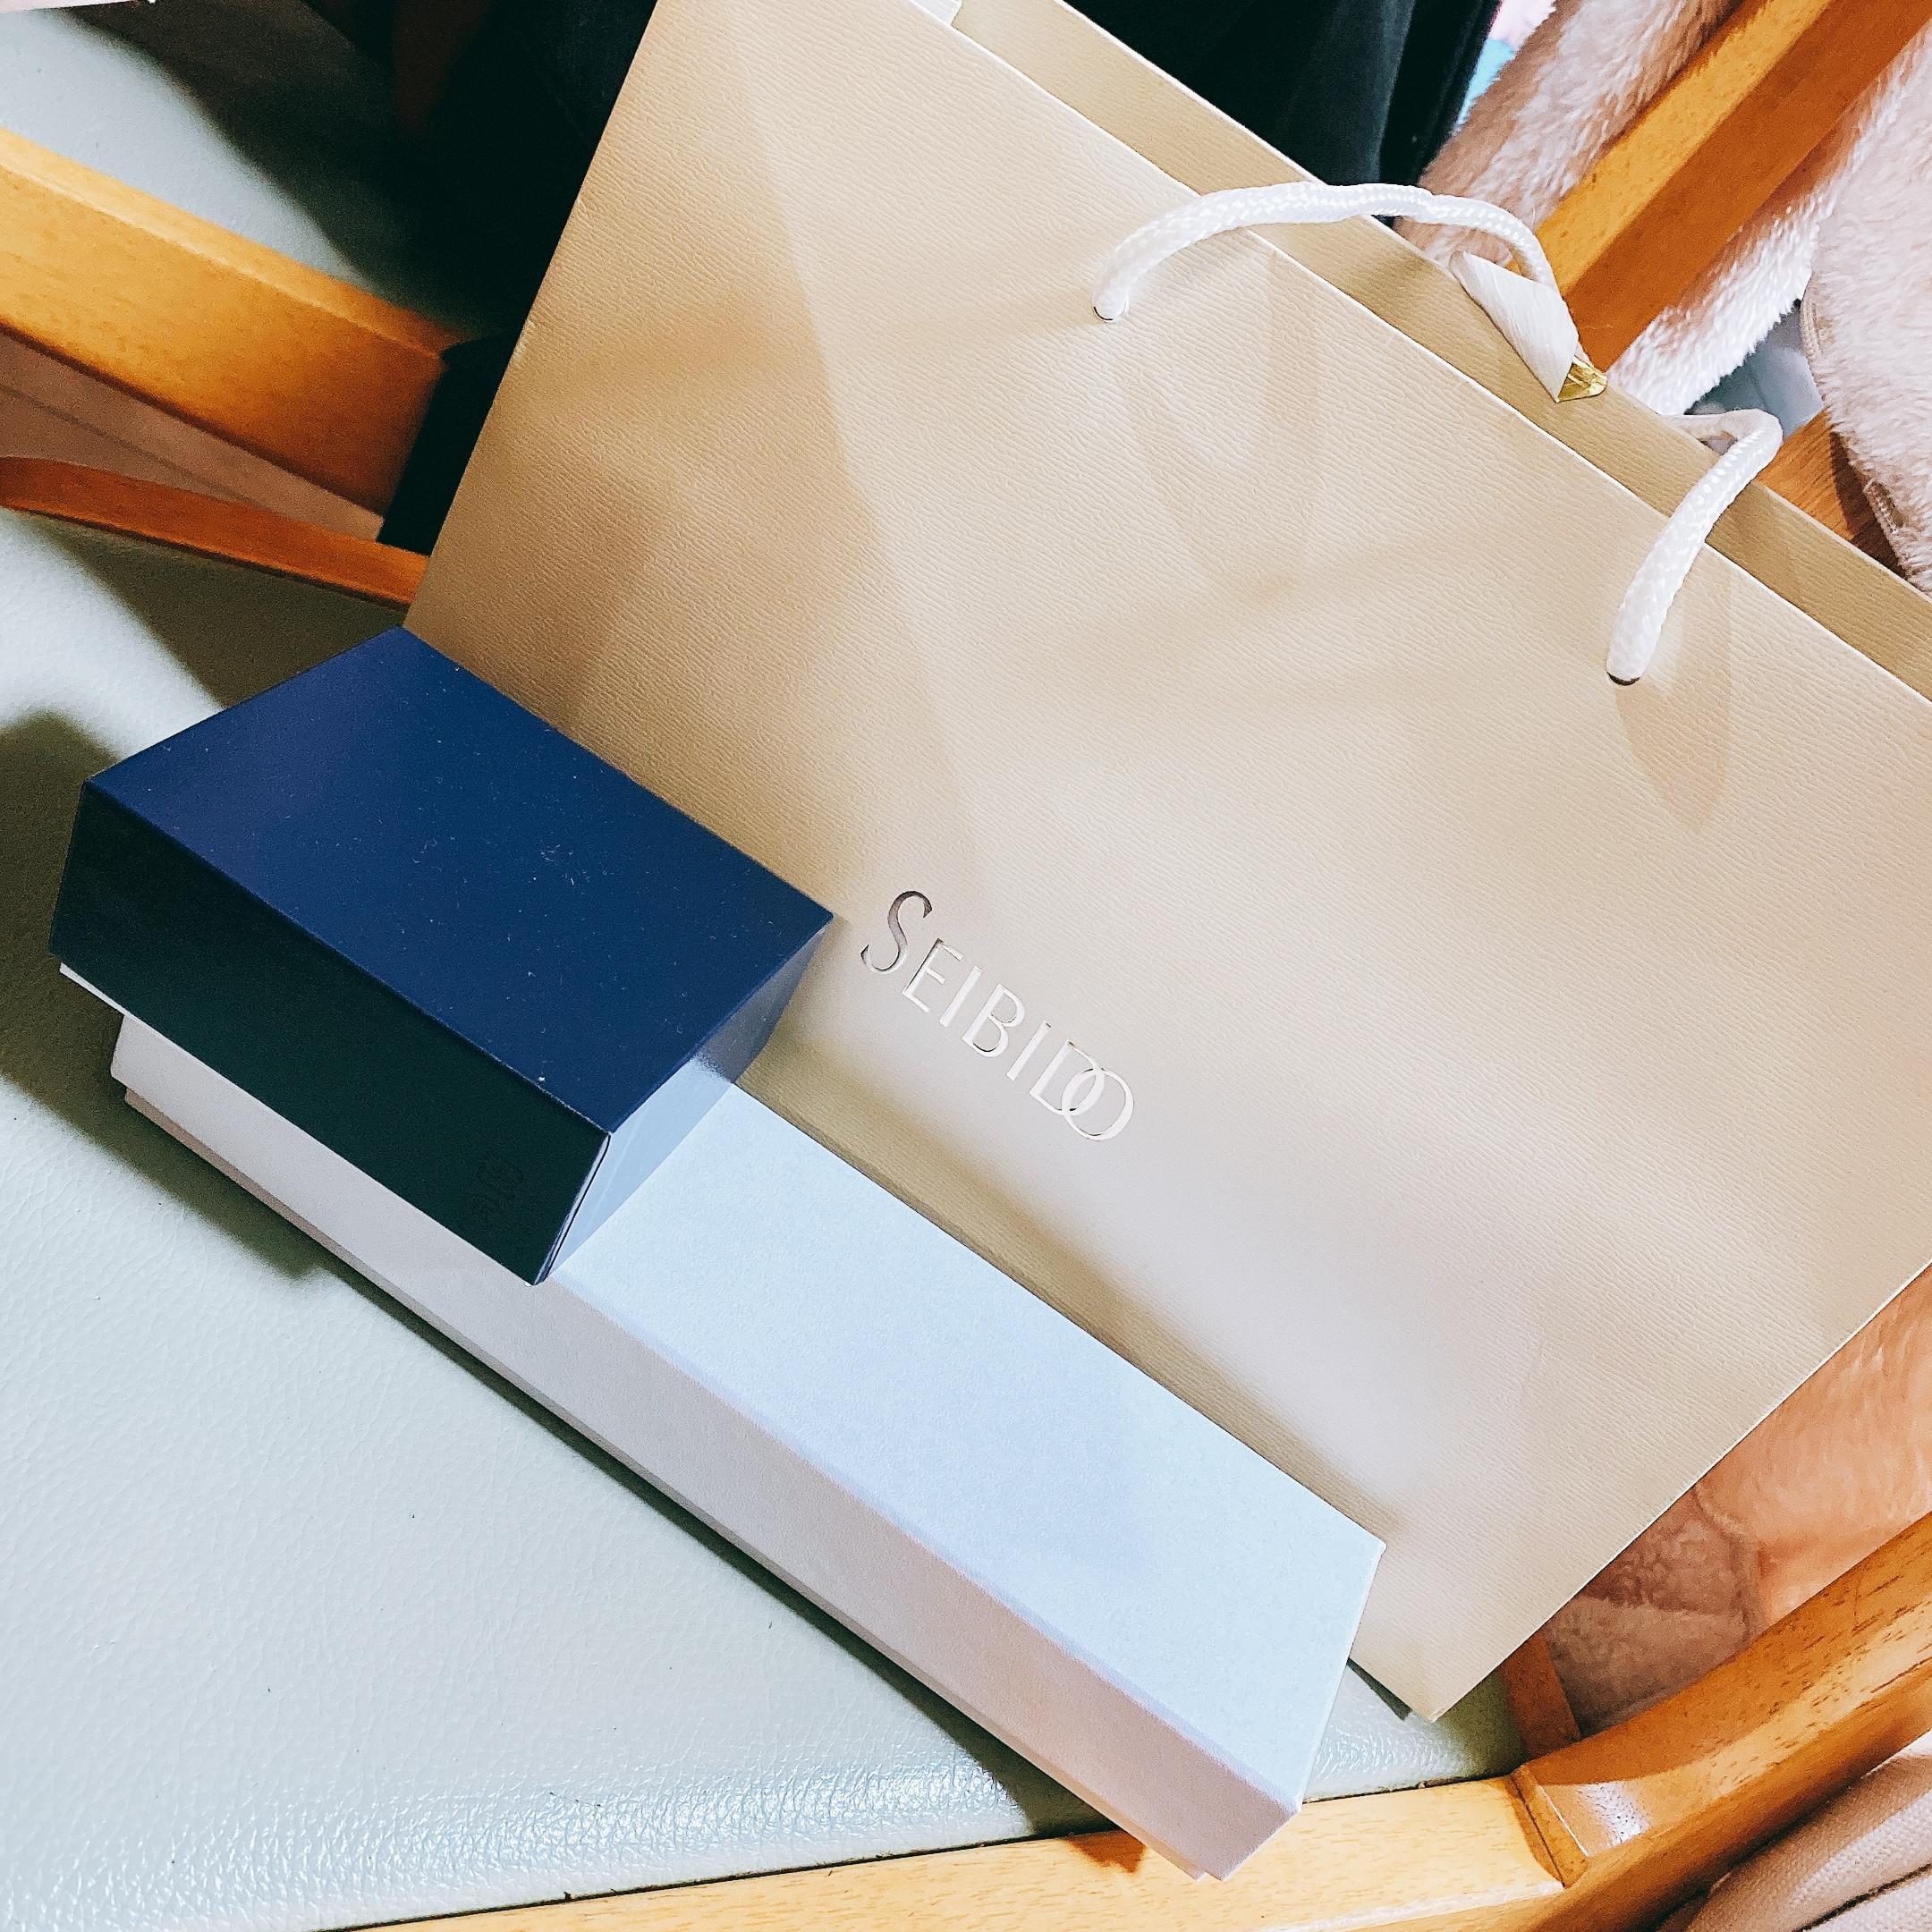 「んふ(*´꒳`*)」10/19(火) 14:03 | れいなの写メ日記